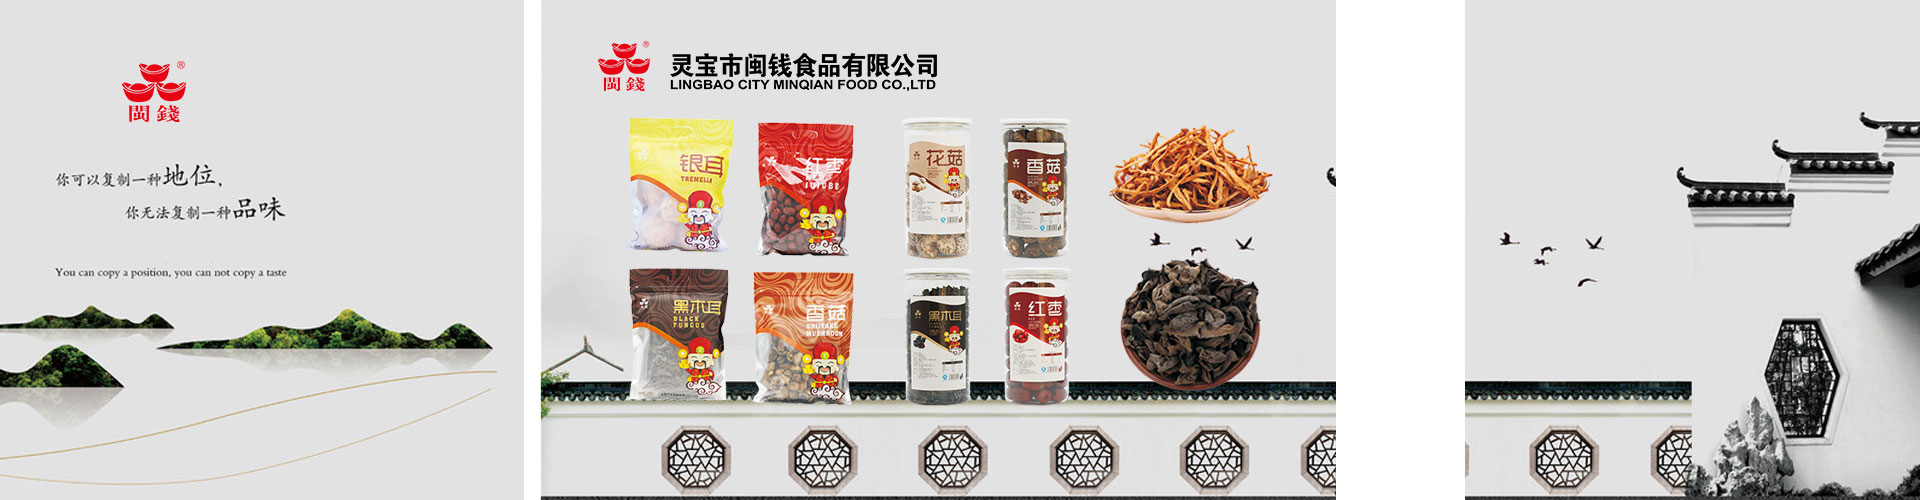 灵宝闽钱食品有限公司